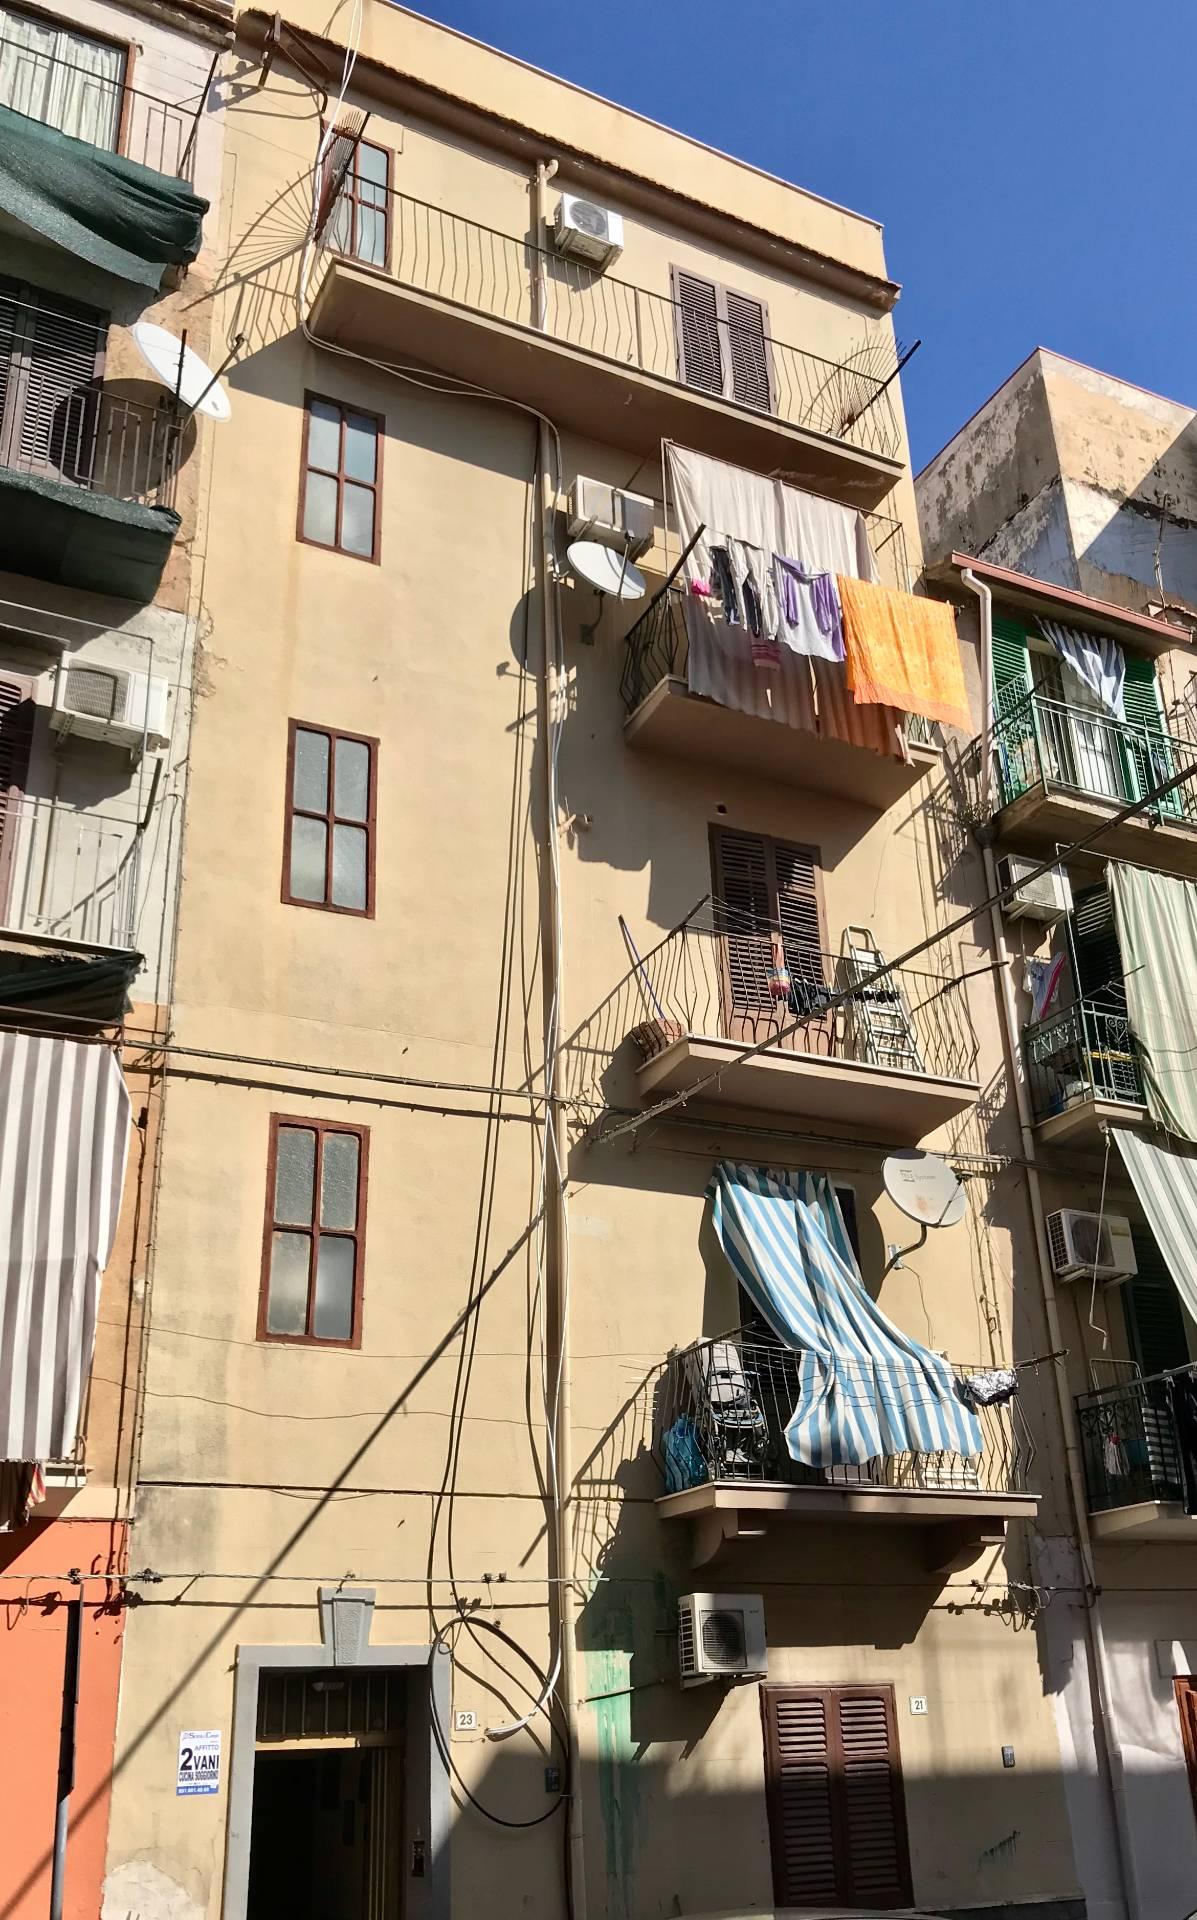 Appartamento in affitto a Palermo, 3 locali, zona Zona: Noce, prezzo € 400 | CambioCasa.it